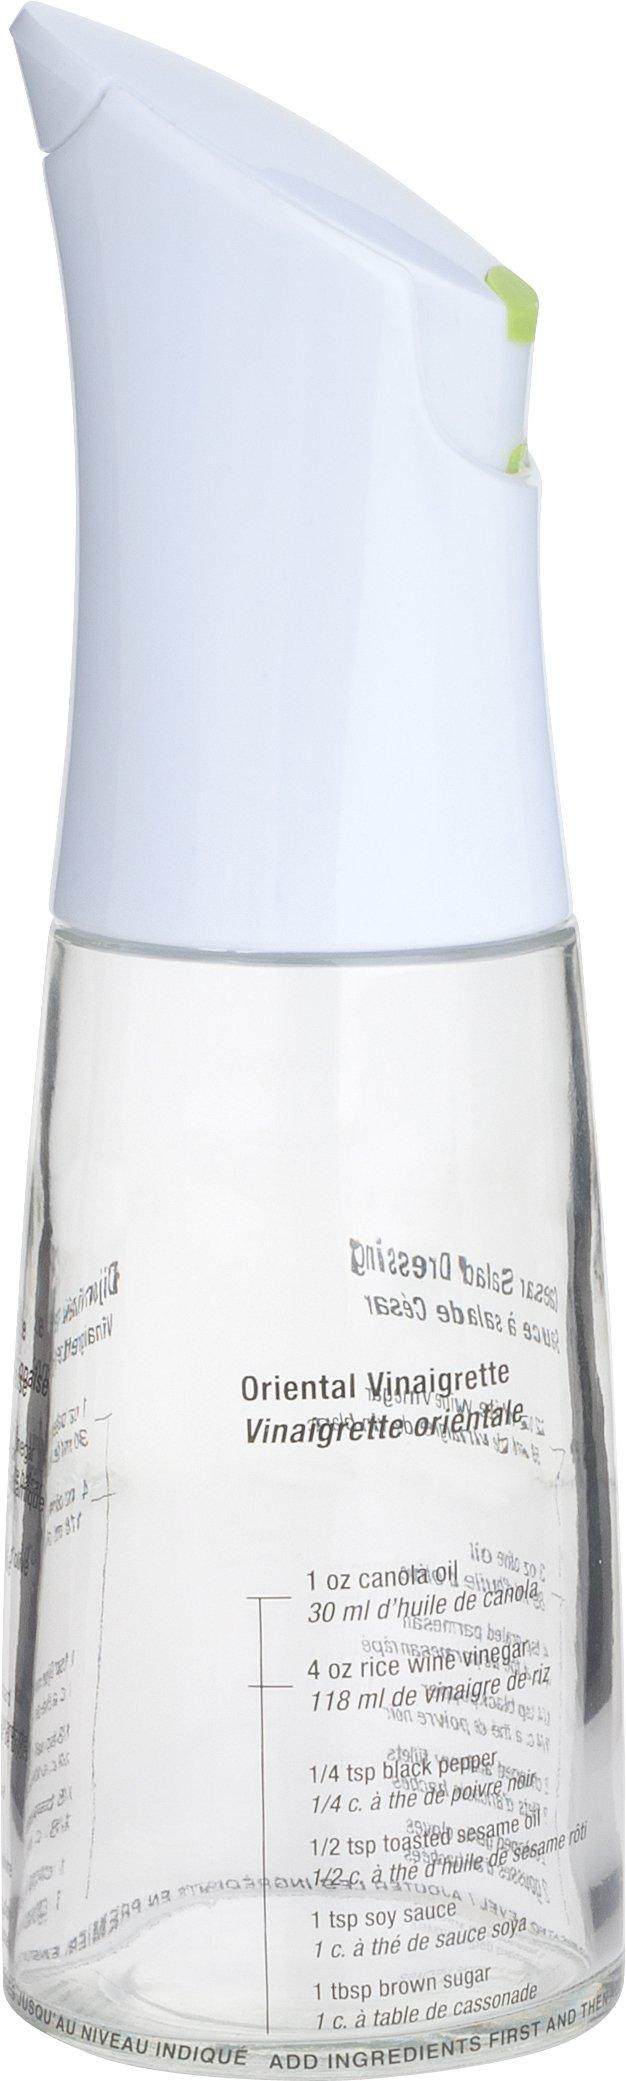 Trudeau Perfect Dressing Vinaigrette Mixer Bottle, 12-Ounce by Trudeau (Image #1)